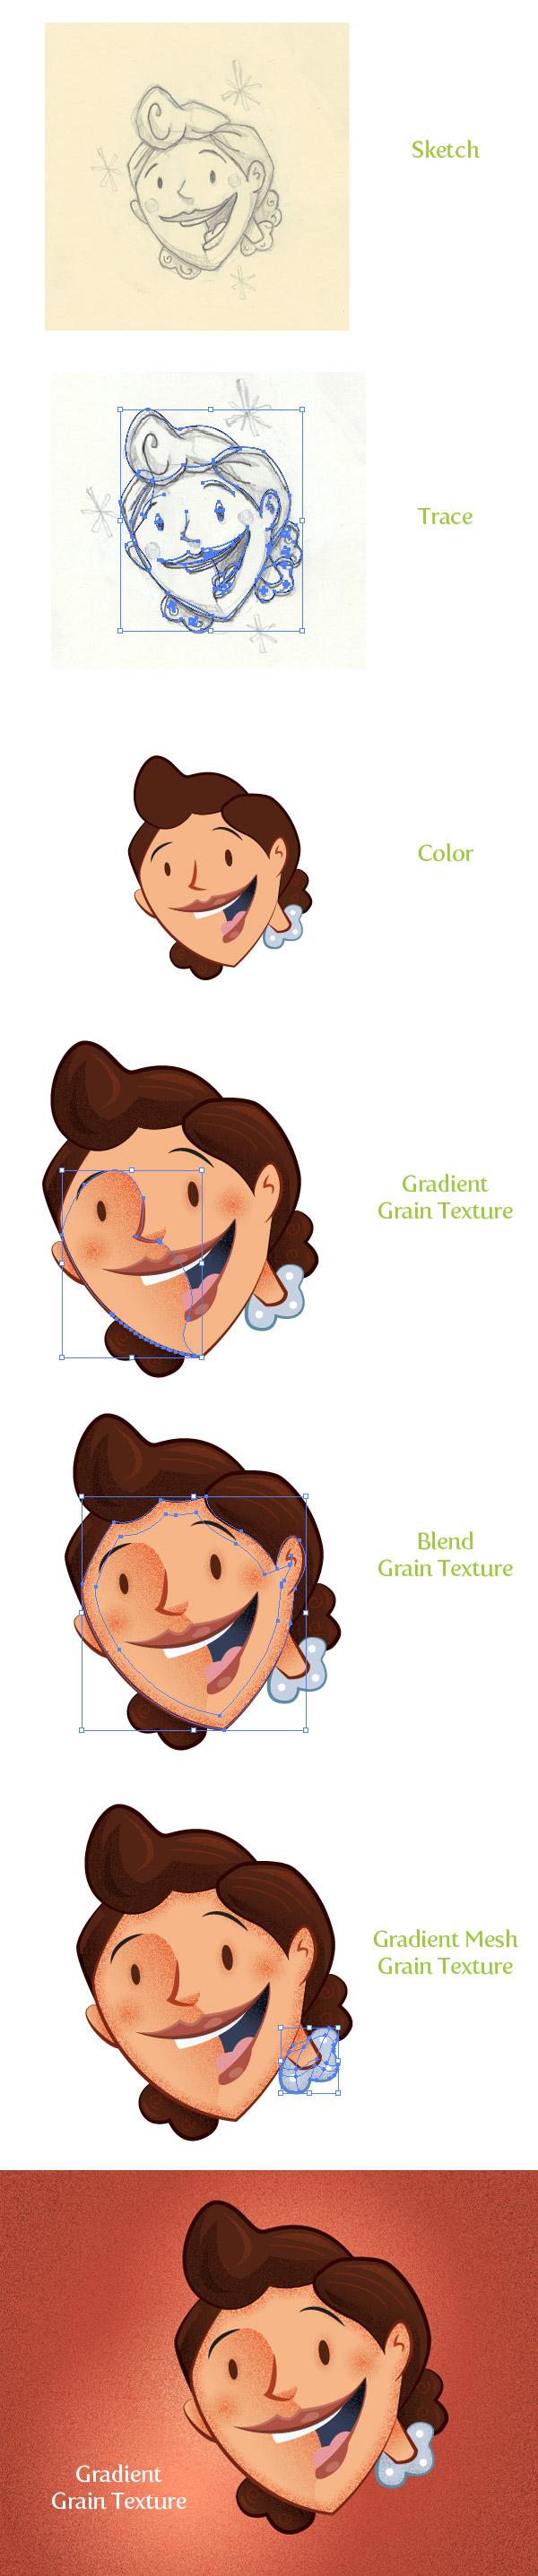 Grain Process